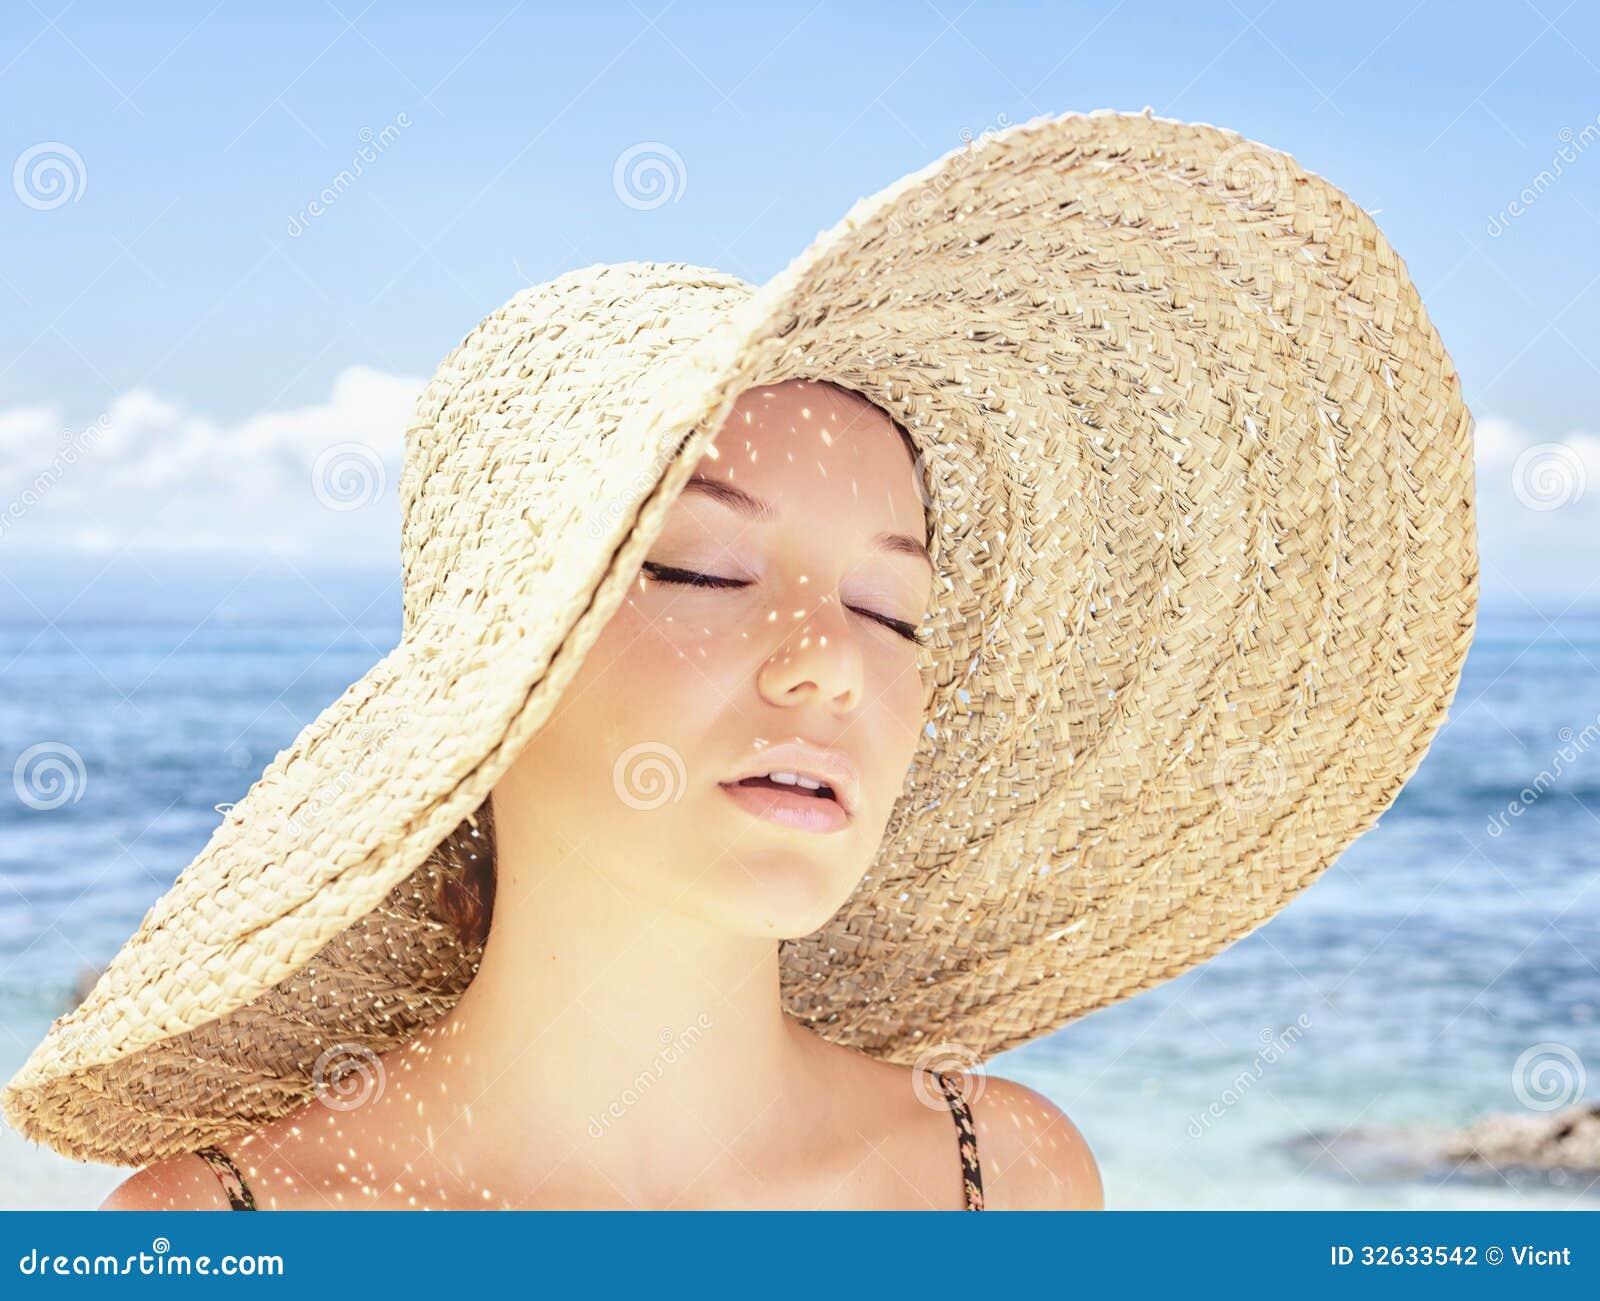 Beautiful Woman Stock Photography - Image: 32633542 - photo#43